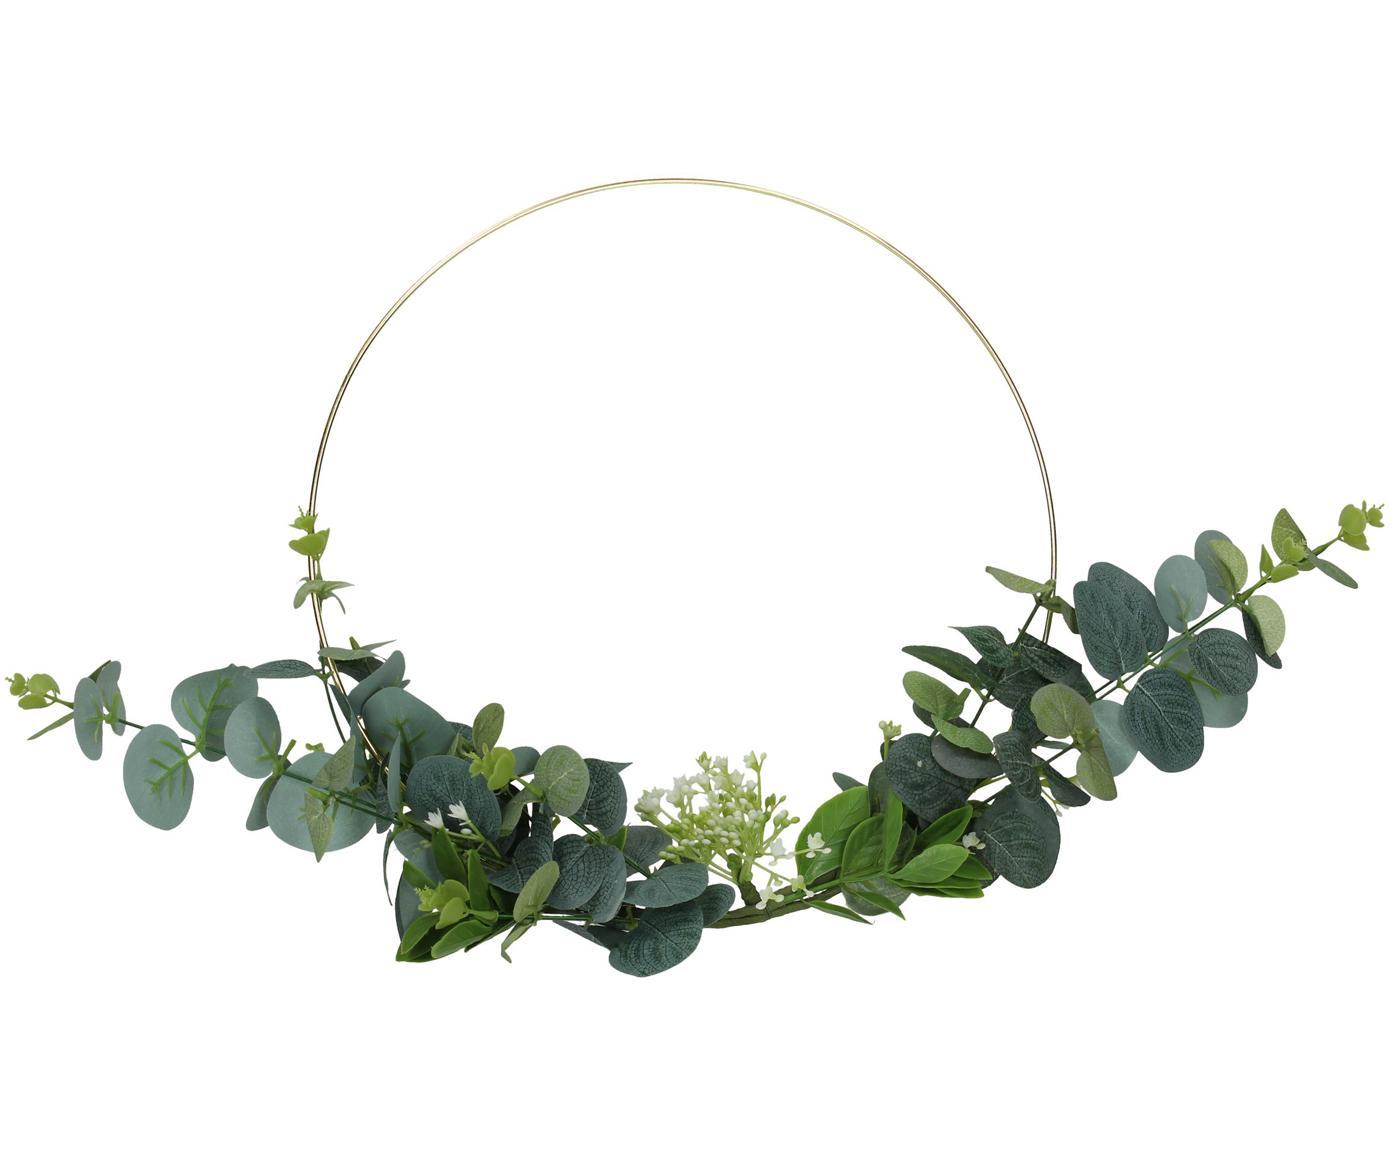 Decoratief object Eightmile, Decoratie: kunststof, Messingkleurig, groen, 30 x 30 cm